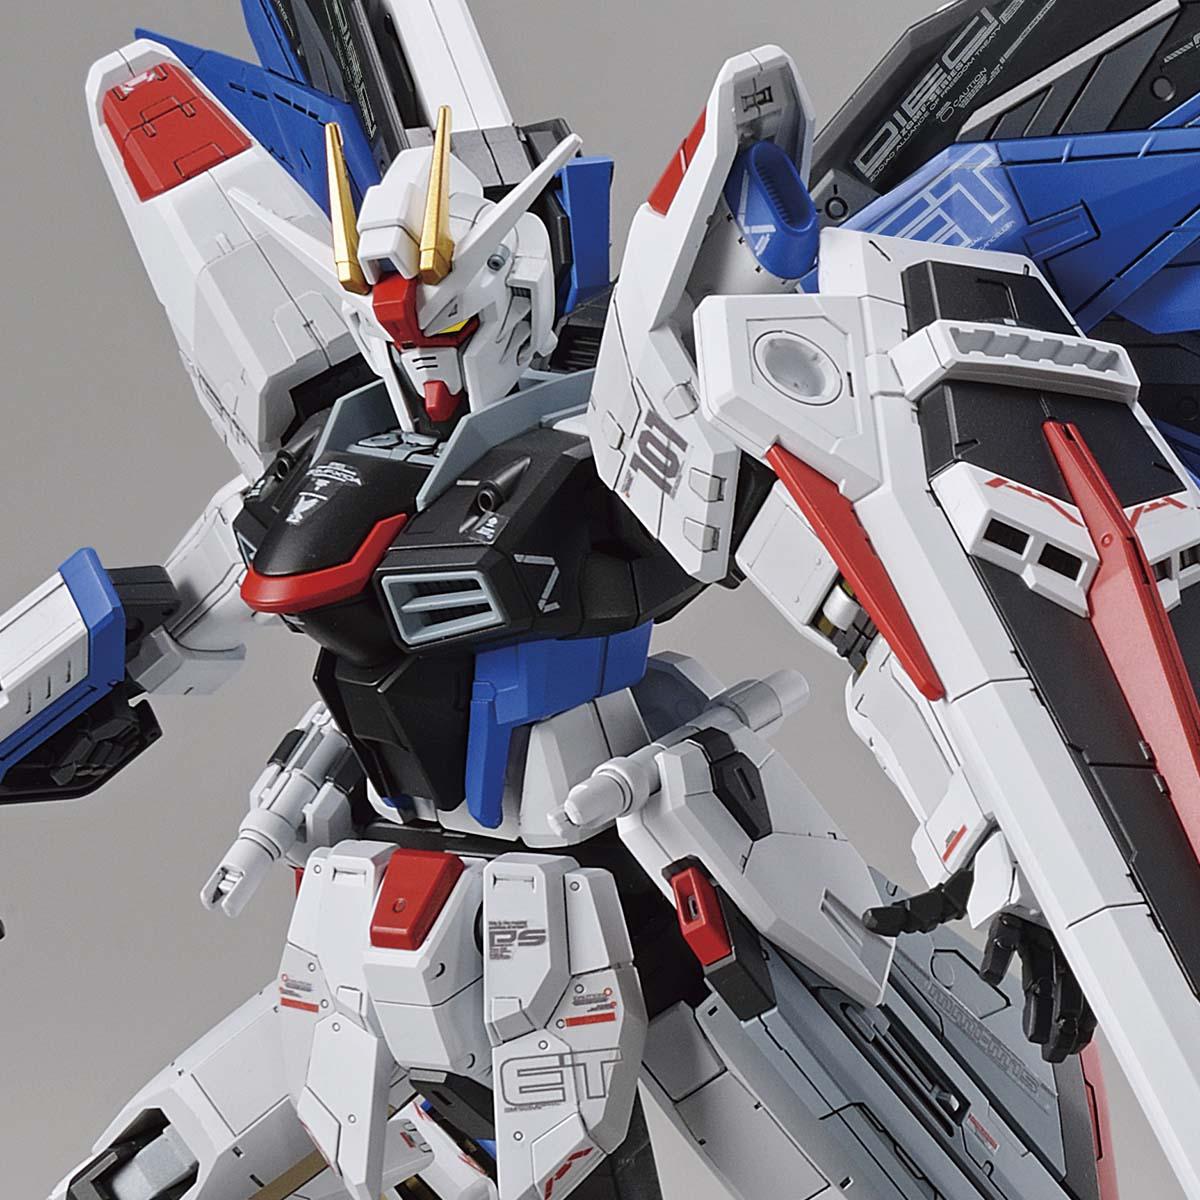 フルメカニクス 1/100 ガンダムベース限定 ZGMF-X10A フリーダムガンダム Ver.GCP